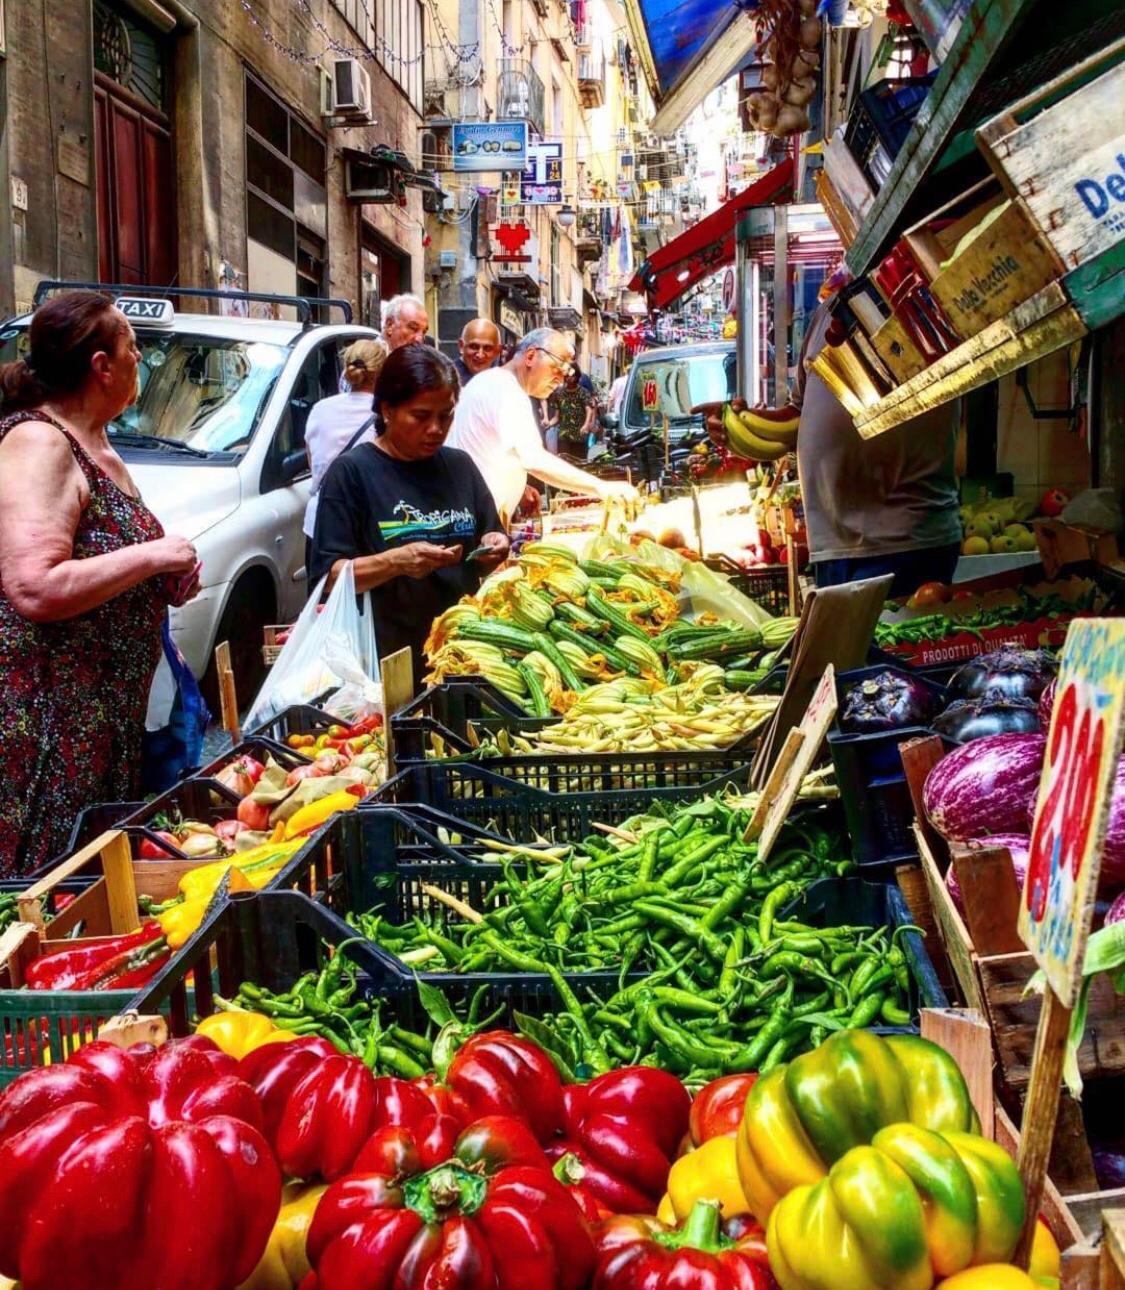 Mercato dei quartieri Spagnoli